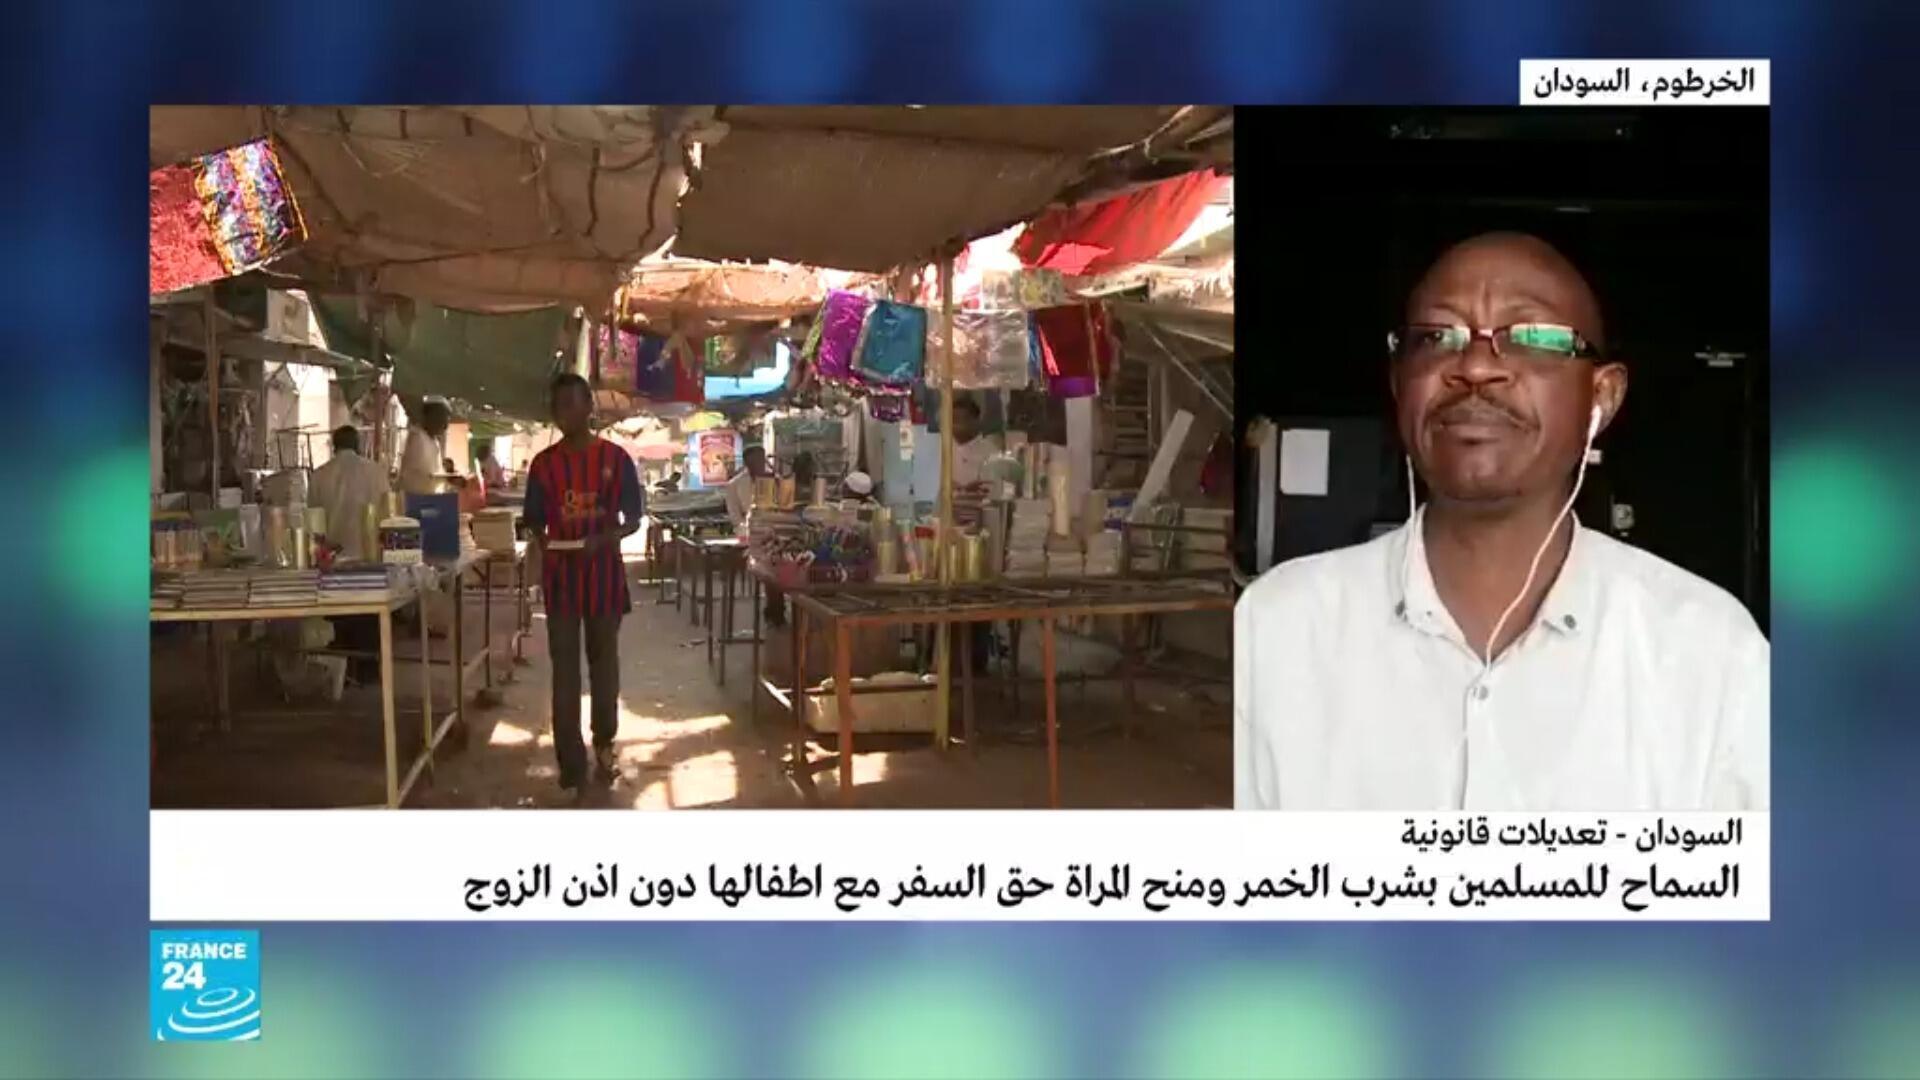 صورة ملتقطة من مداخلة الكاتب الصحافي السودانيمحمد فزاري